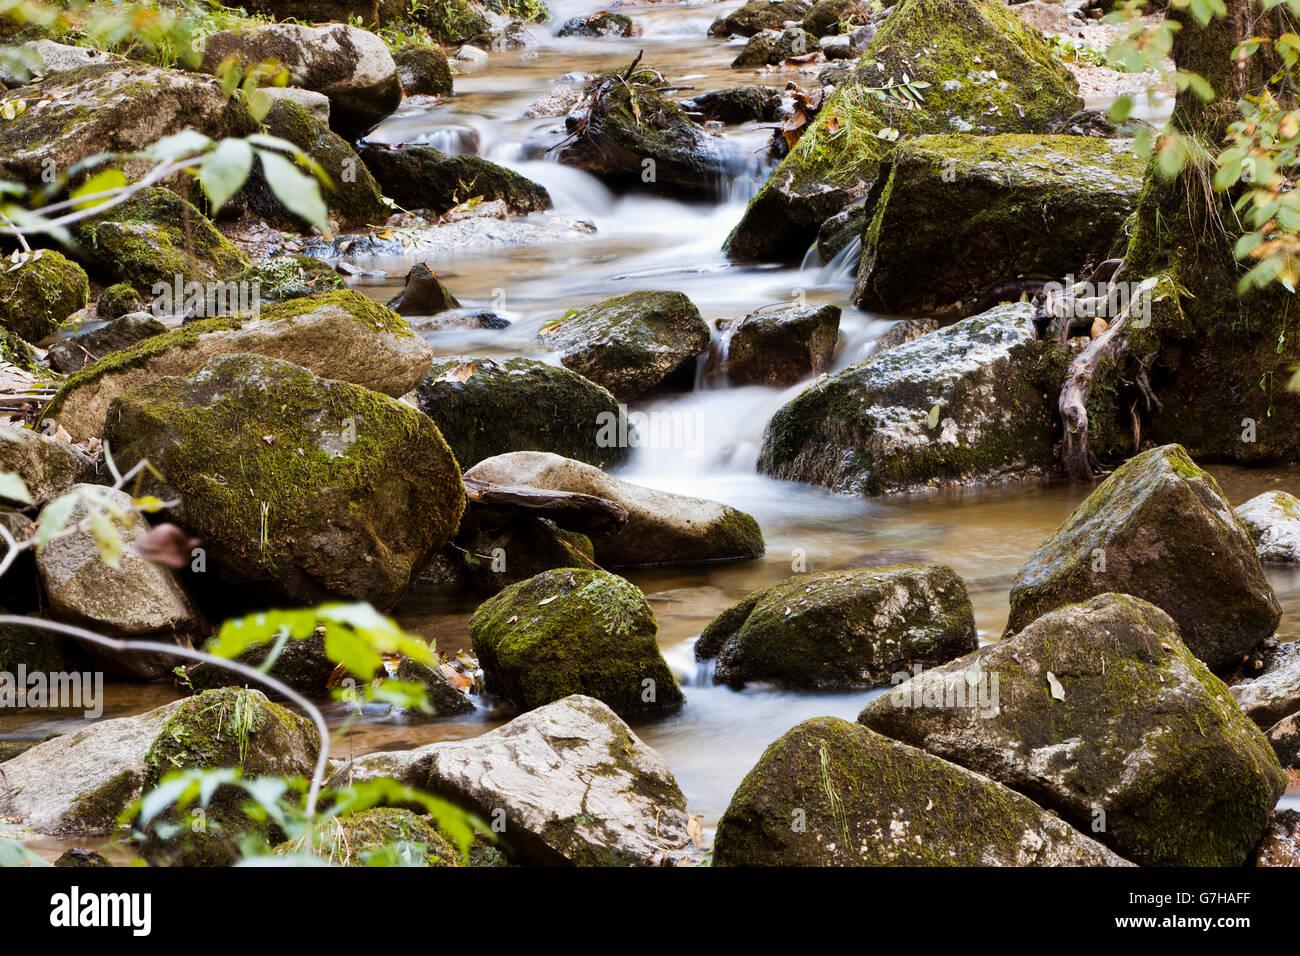 Creek with running water, Stillensteinklamm, Grein, Upper Austria, Austria, Europe - Stock Image